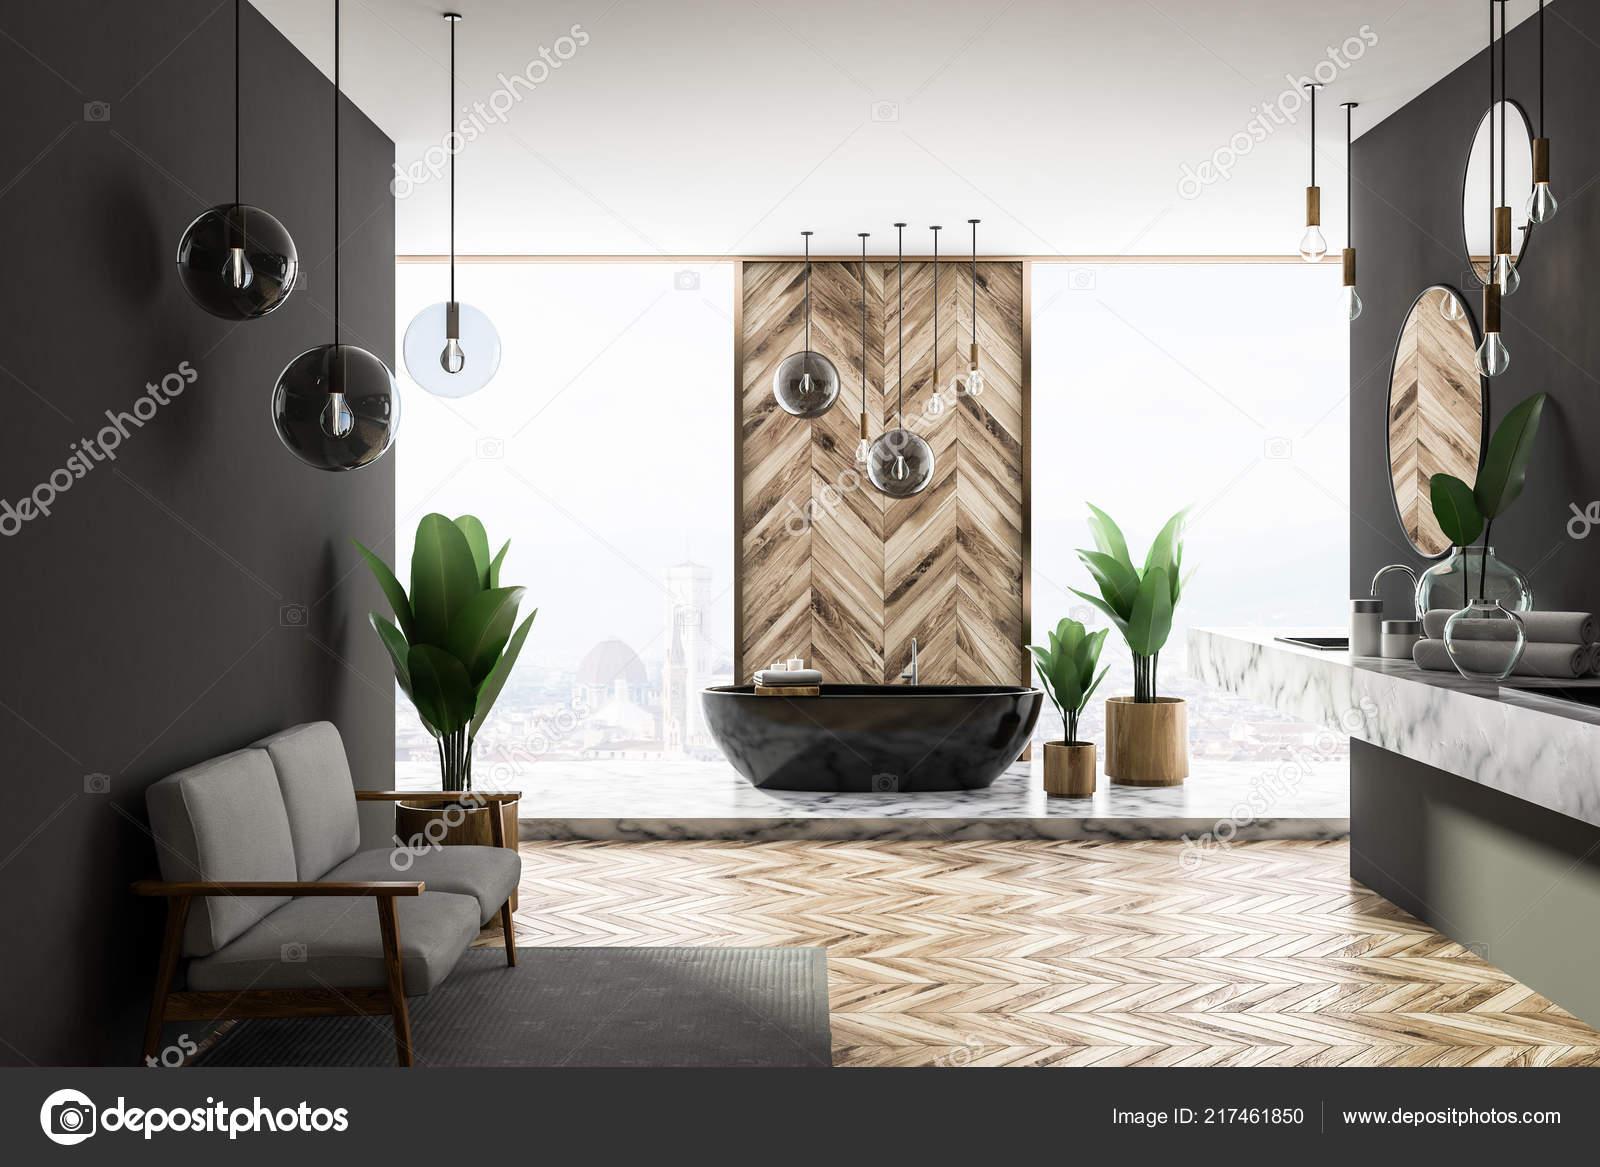 Holzfußboden Grau ~ Innere des luxus badezimmer mit grau und hölzerne wände